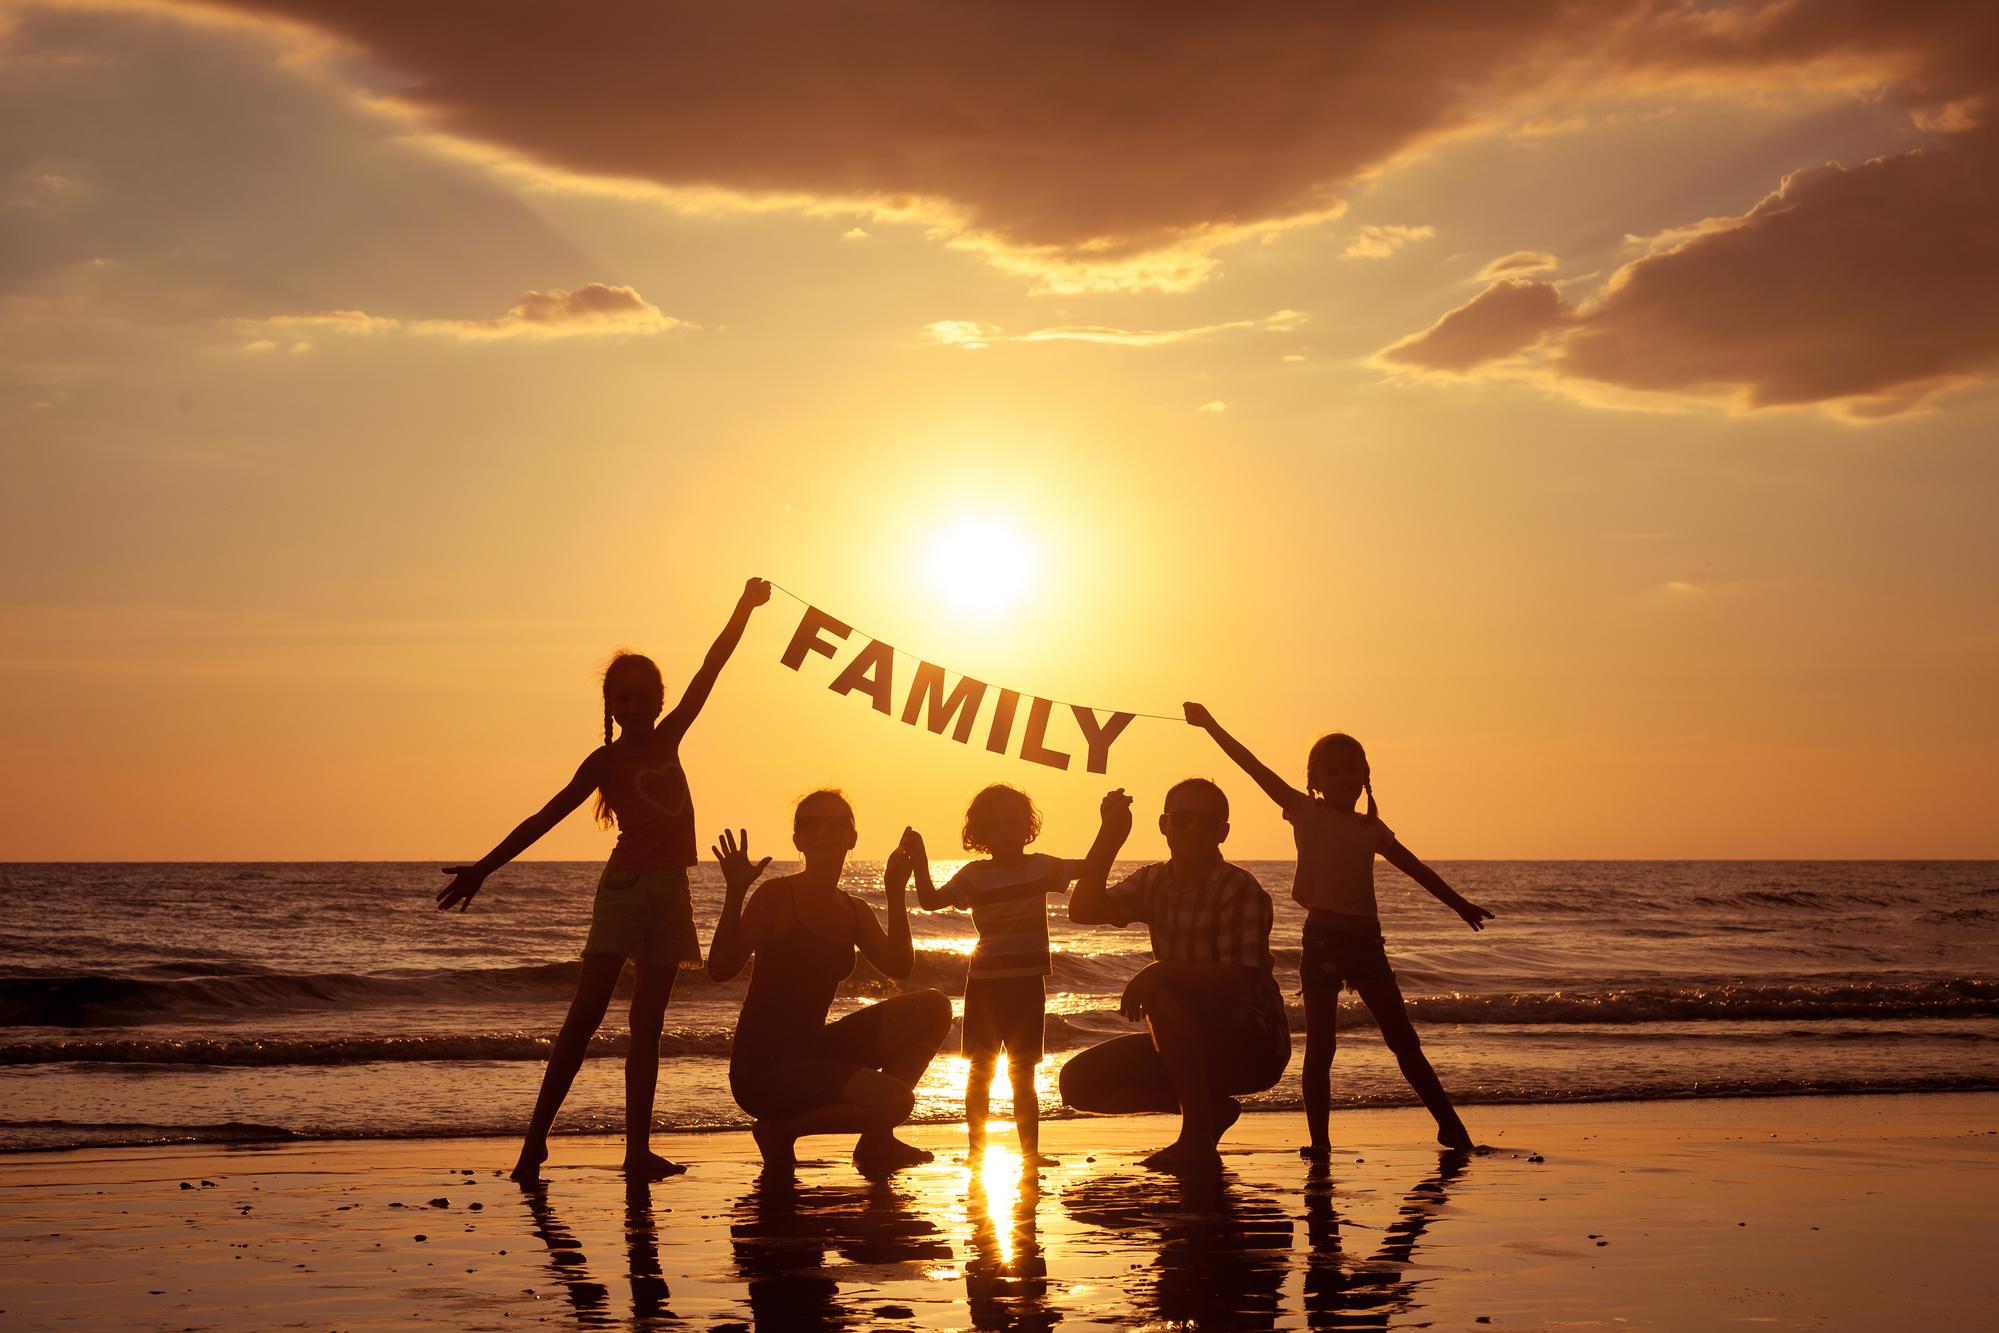 Семья и здоровье картинки для карты желаний